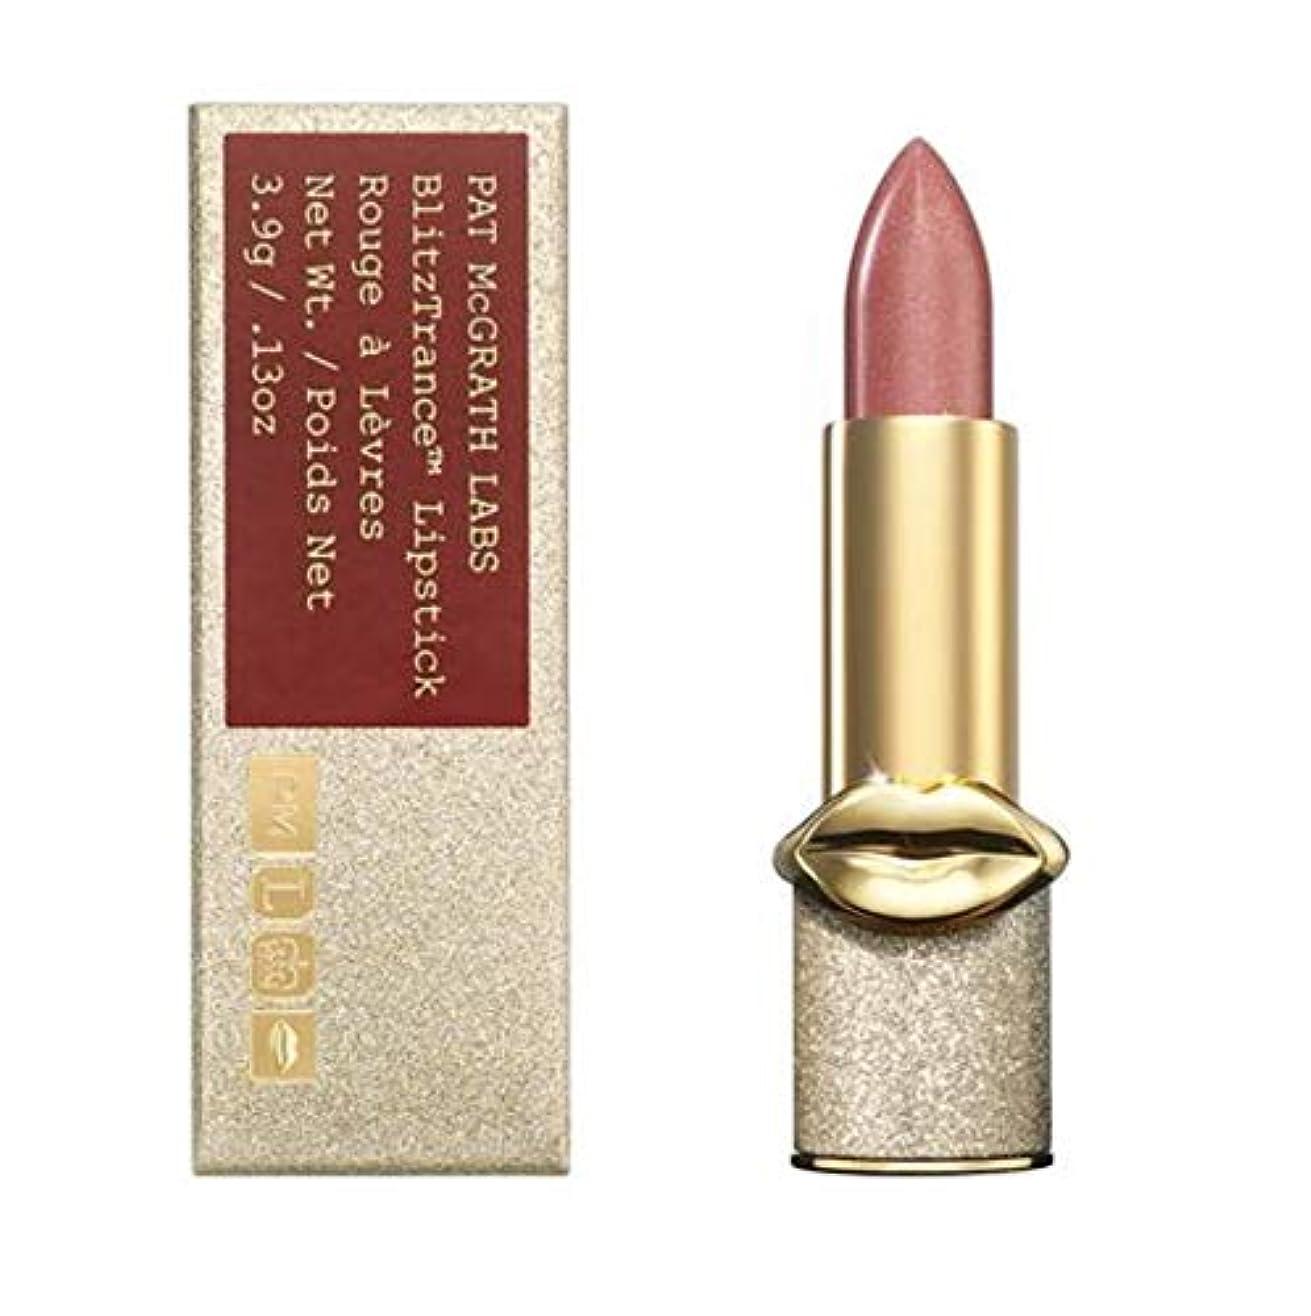 コカイン批判的マークされたPAT MCGRATH LABS BlitzTrance™ Lipstick (Skinsane)